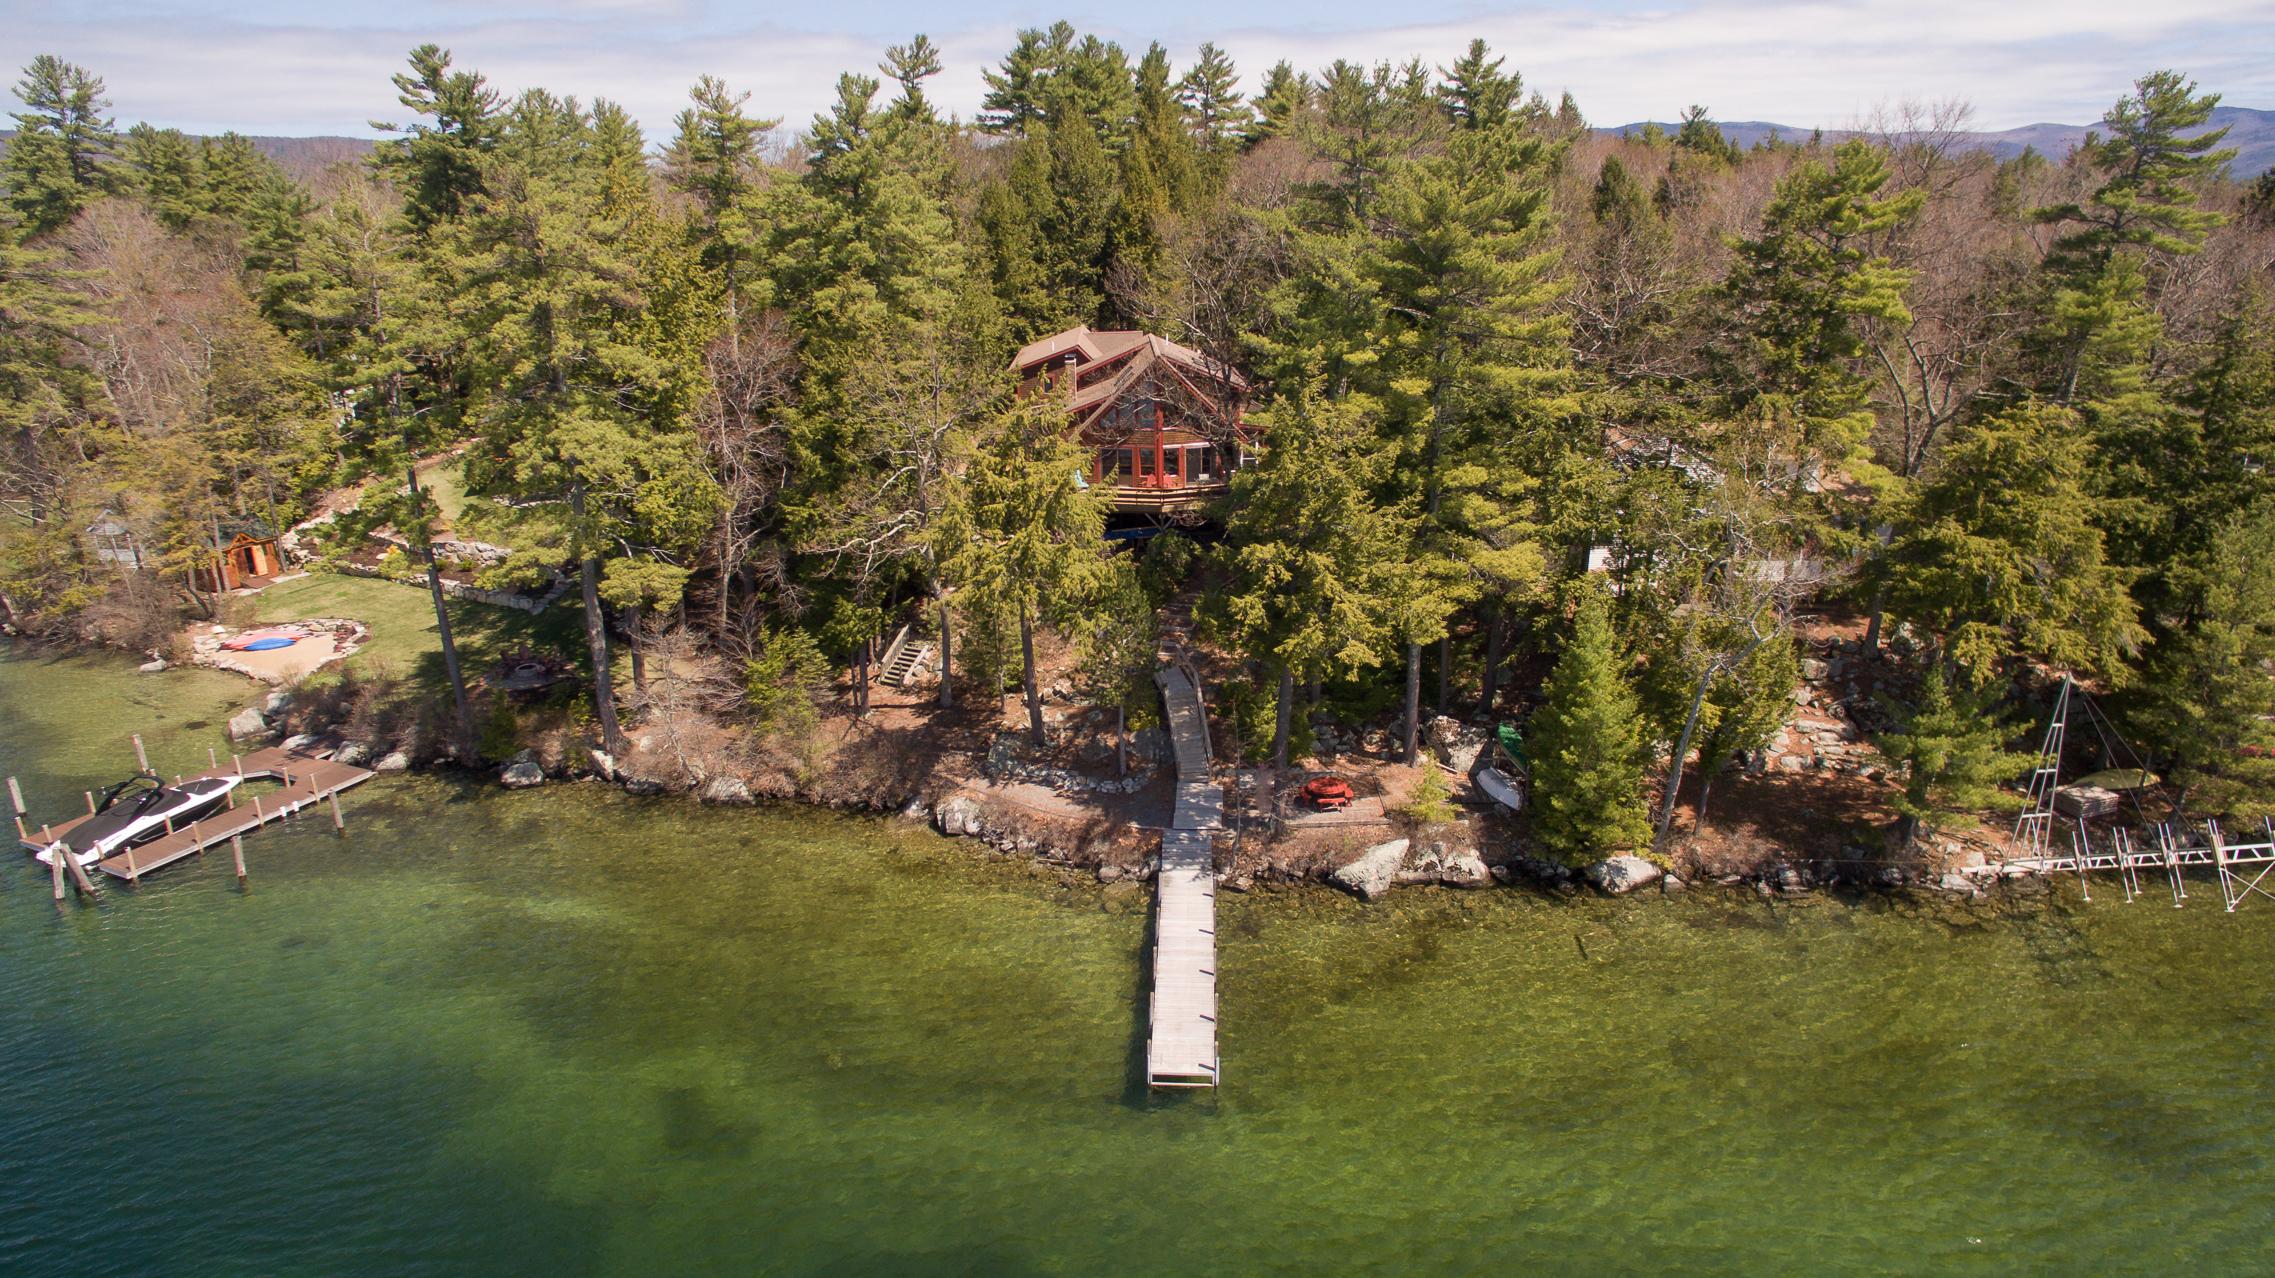 Частный односемейный дом для того Продажа на 17 Grassy Pond Rd, Moultonborough Moultonborough, Нью-Гэмпшир, 03254 Соединенные Штаты